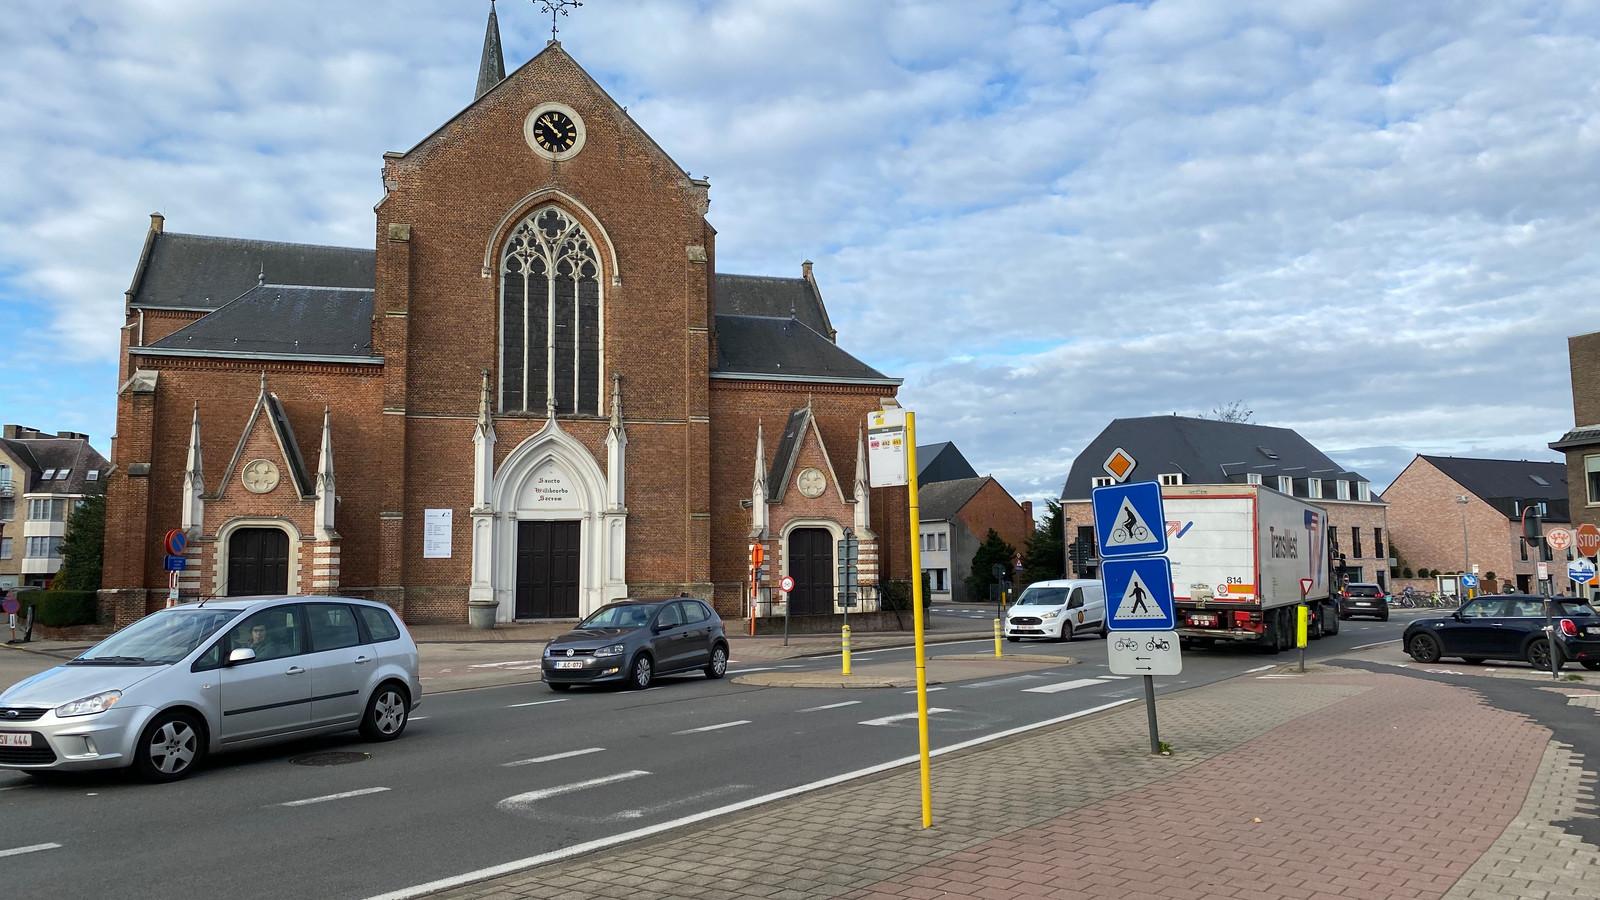 Ook op de Turnhoutsebaan zal gewerkt worden. Onder meer de bushalte zal in de toekomst verhuizen